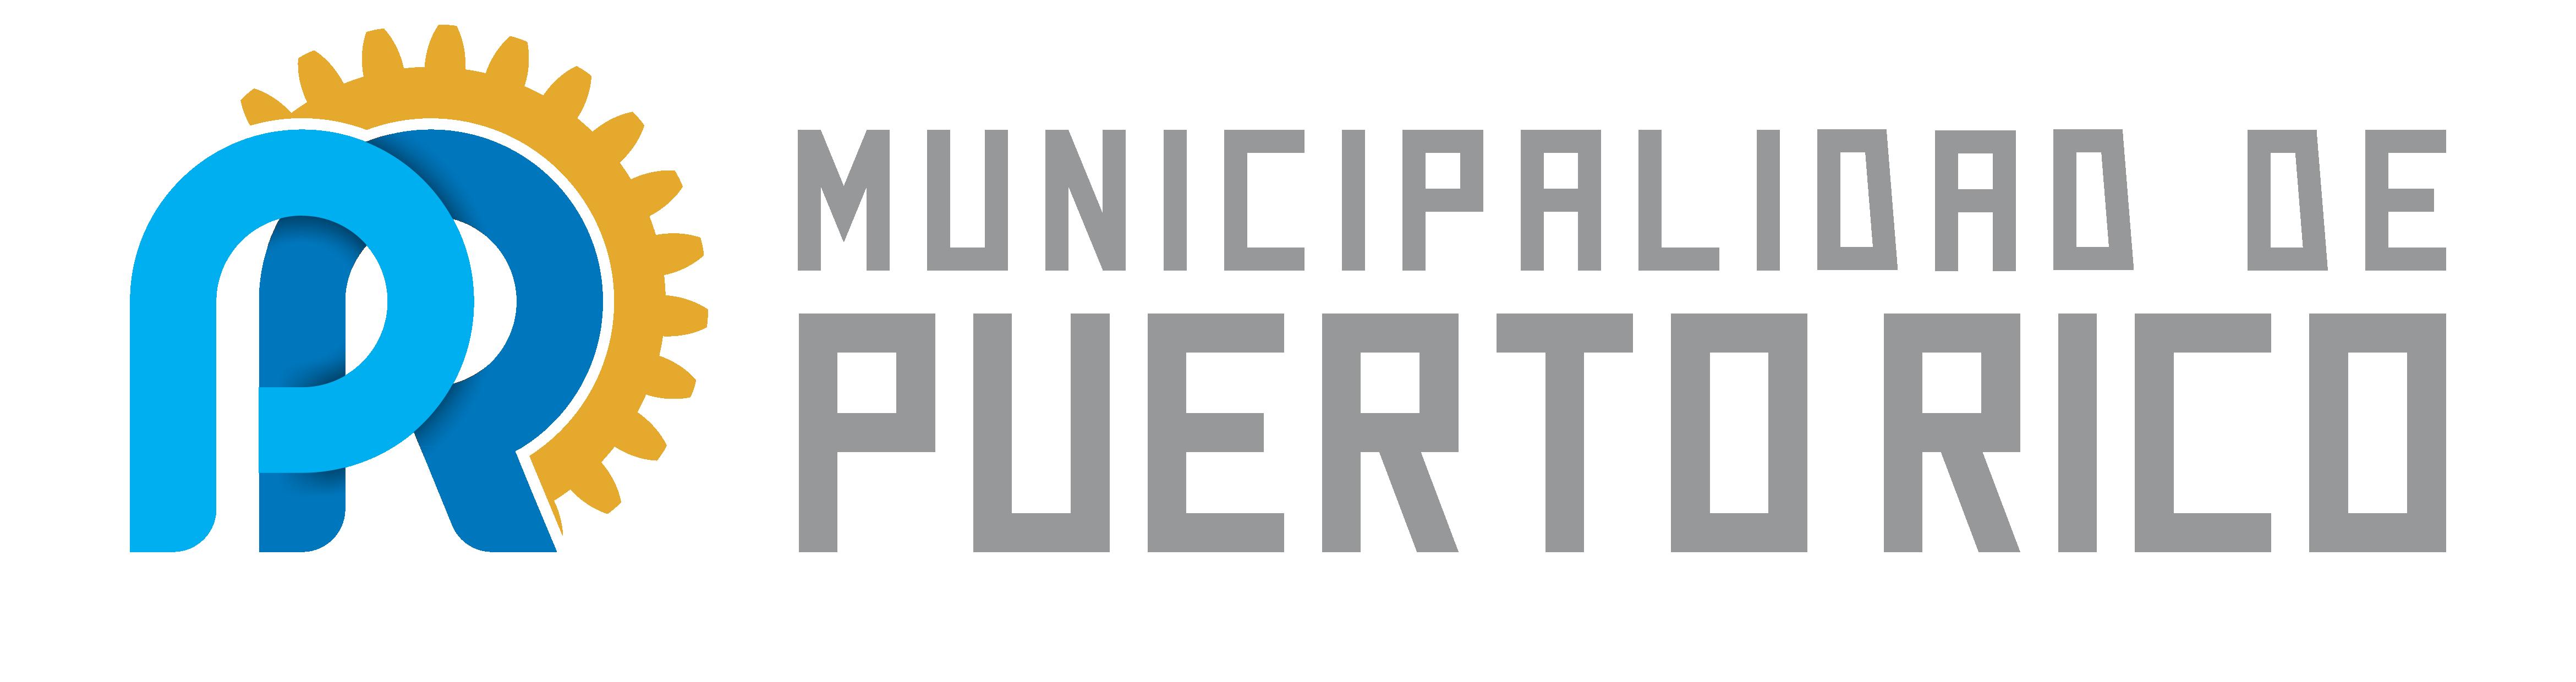 Municipalidad de Puerto Rico